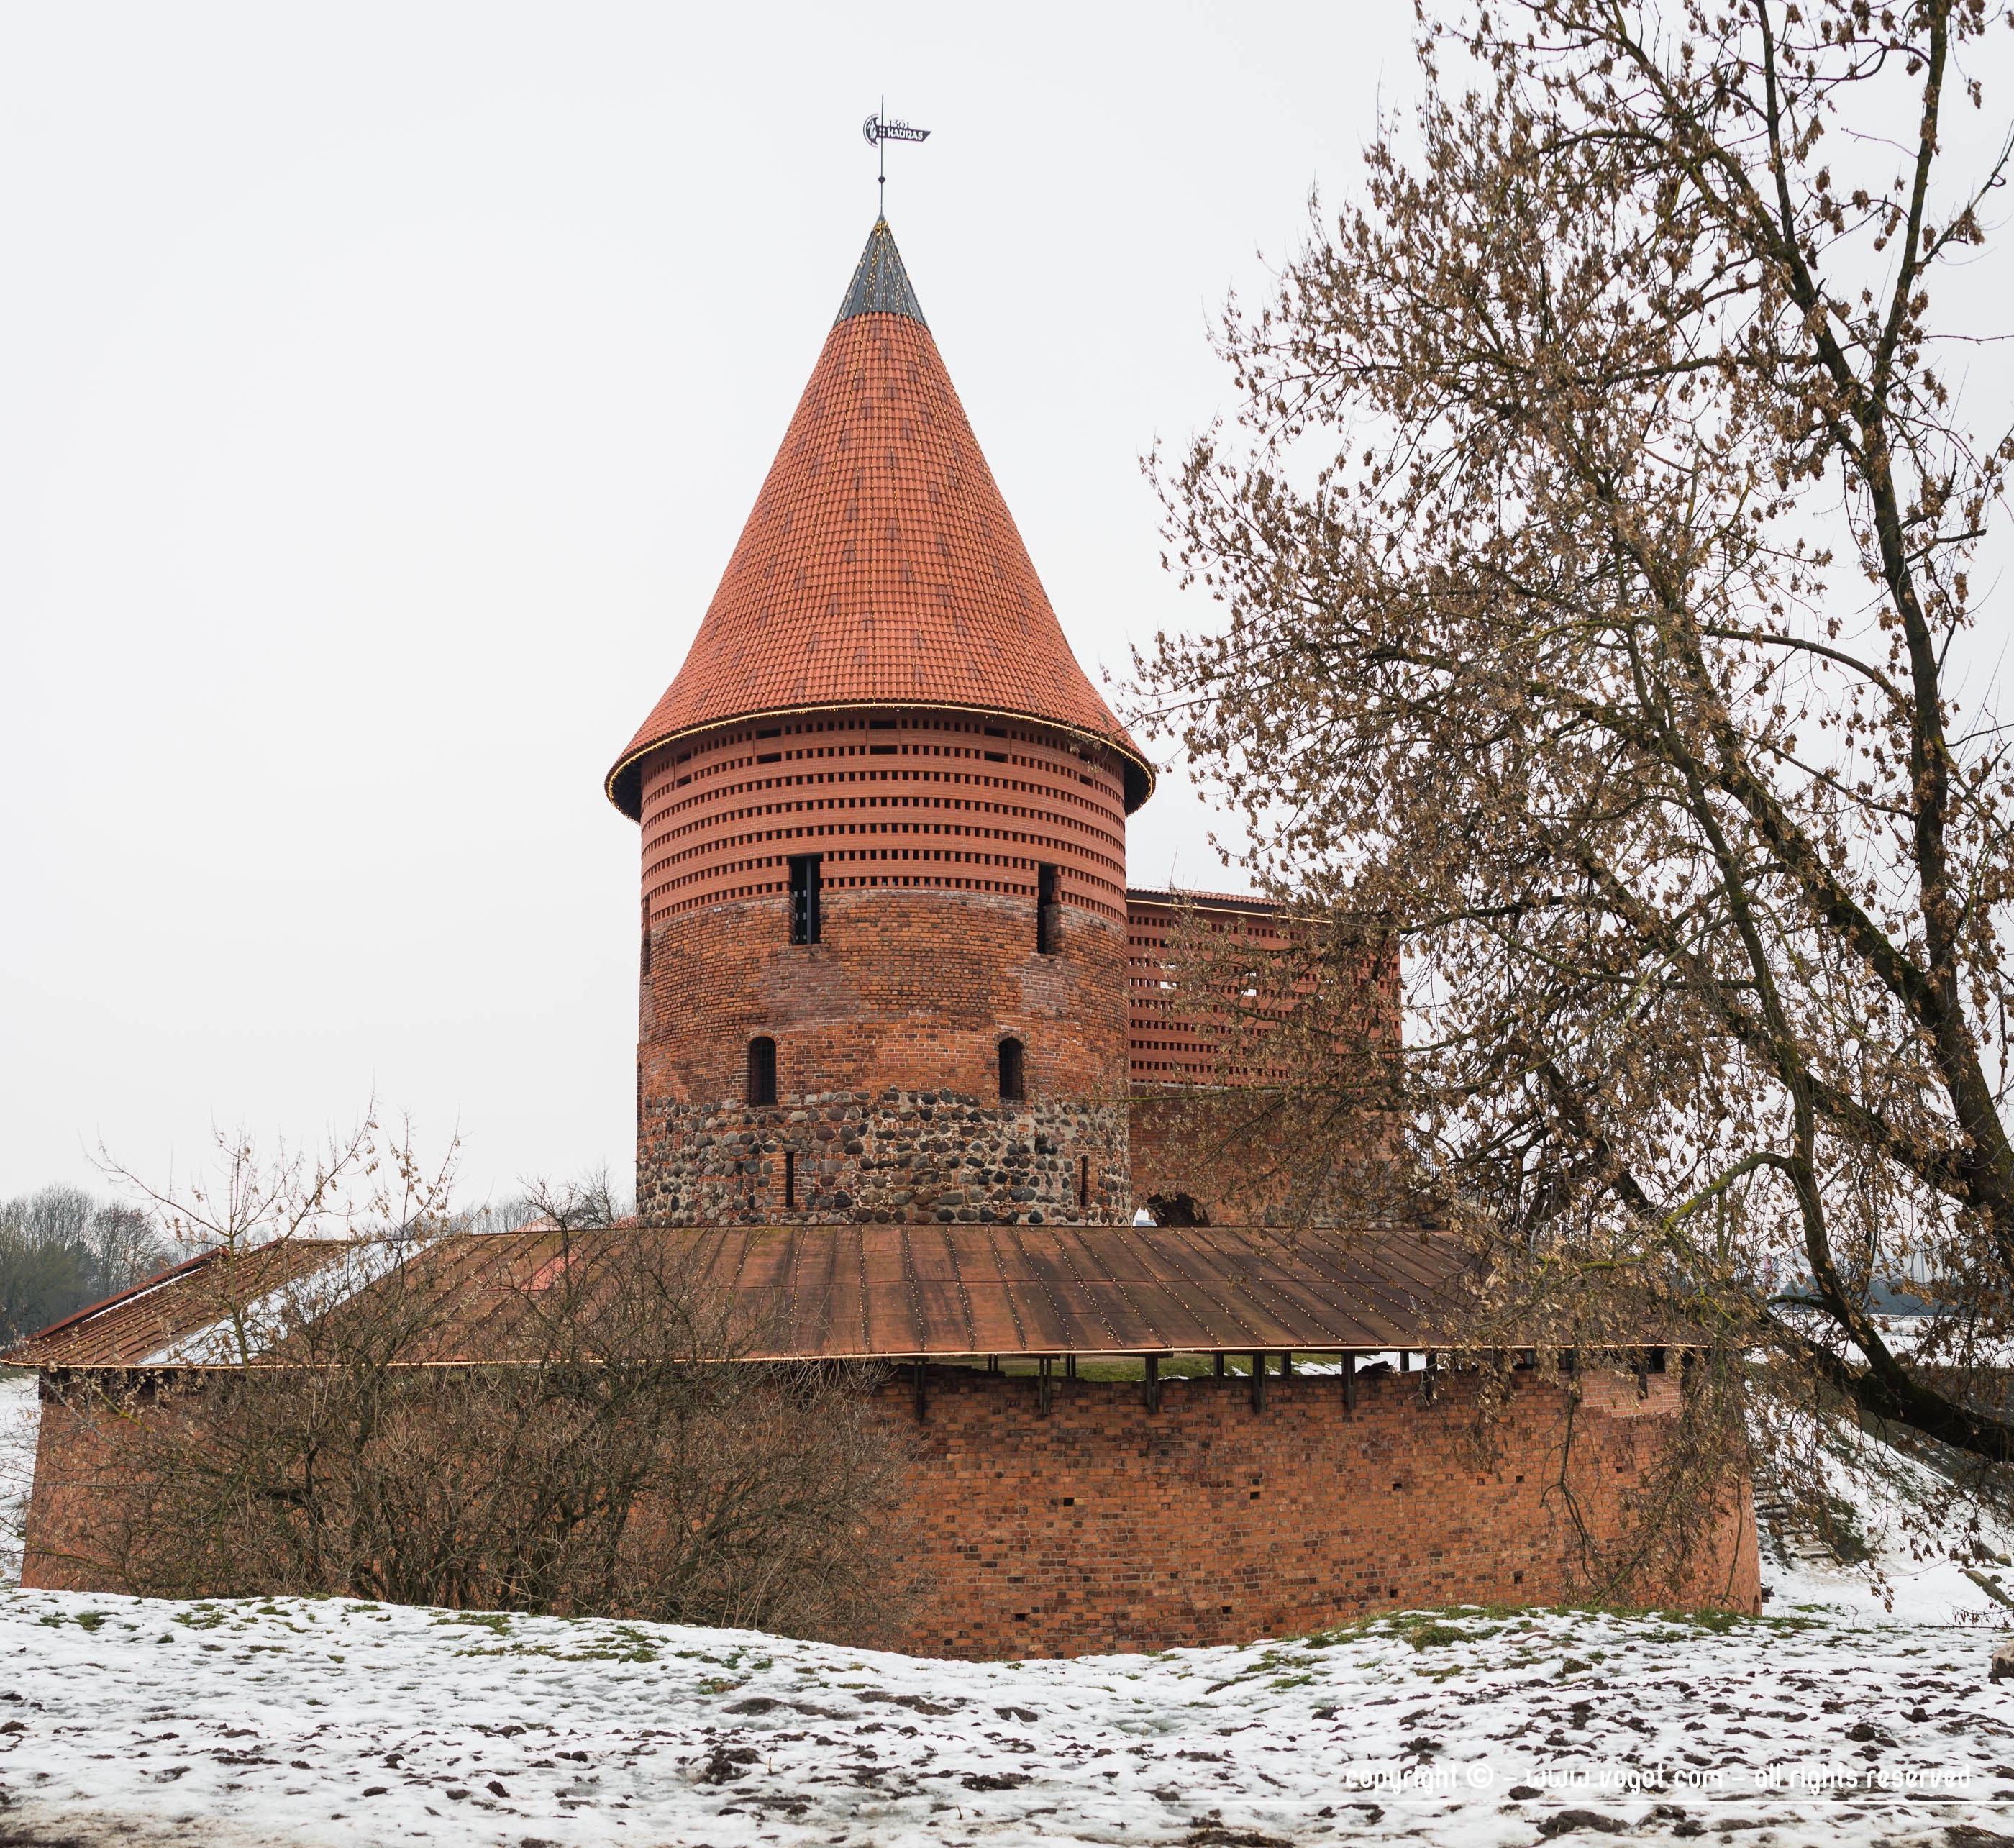 Une journée à Kaunas - Les restes de la forteresse de Kaunas datant du XIVème siècle